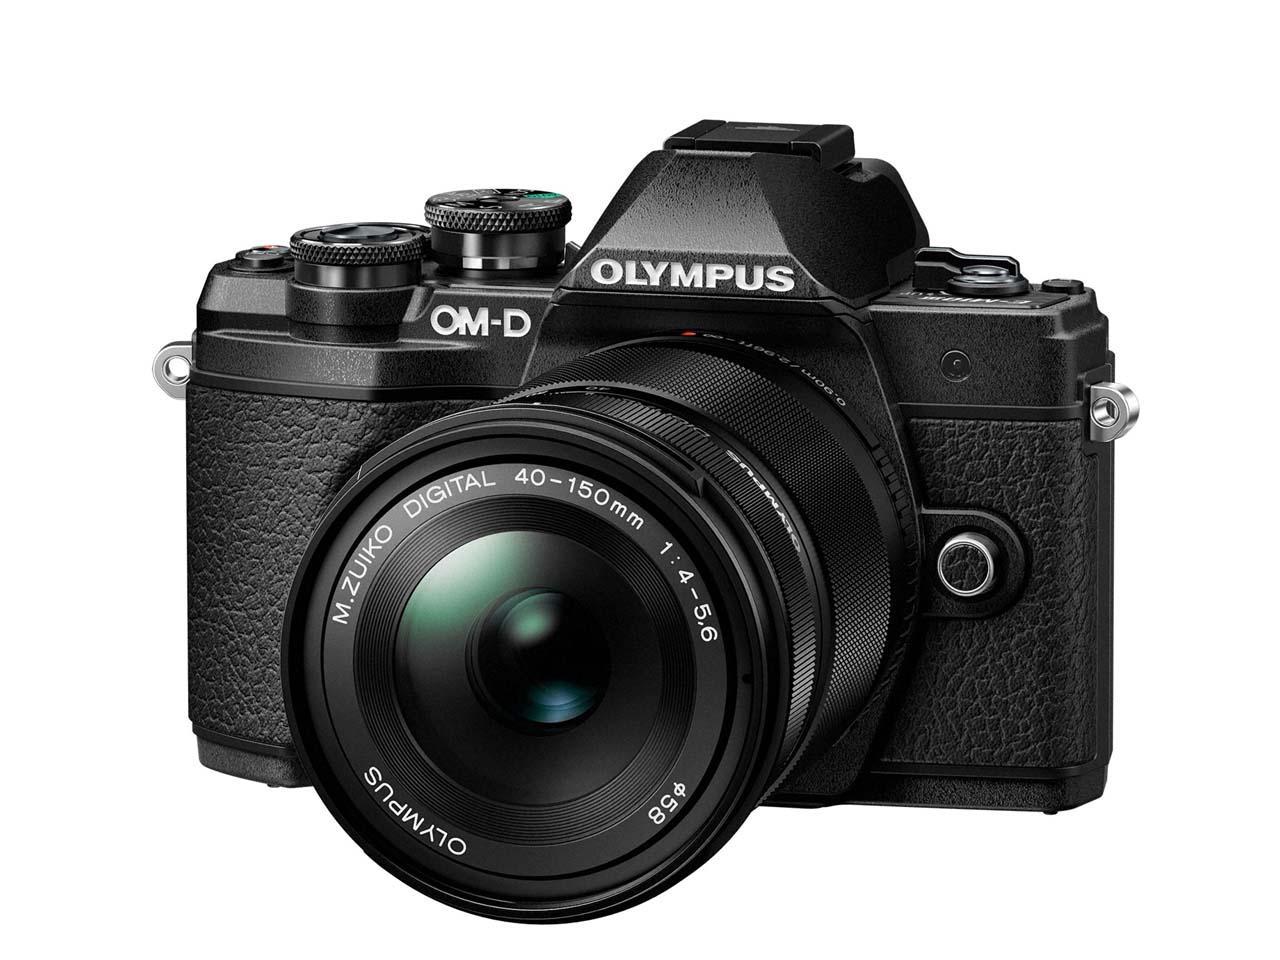 画像: ▲M.ZUIKO DIGITAL ED 40-150mm F4.0-5.6 Rを装着した状態。小さいボディながら仕上がりの良さはさすがオリンパス。 www.olympus-imaging.jp